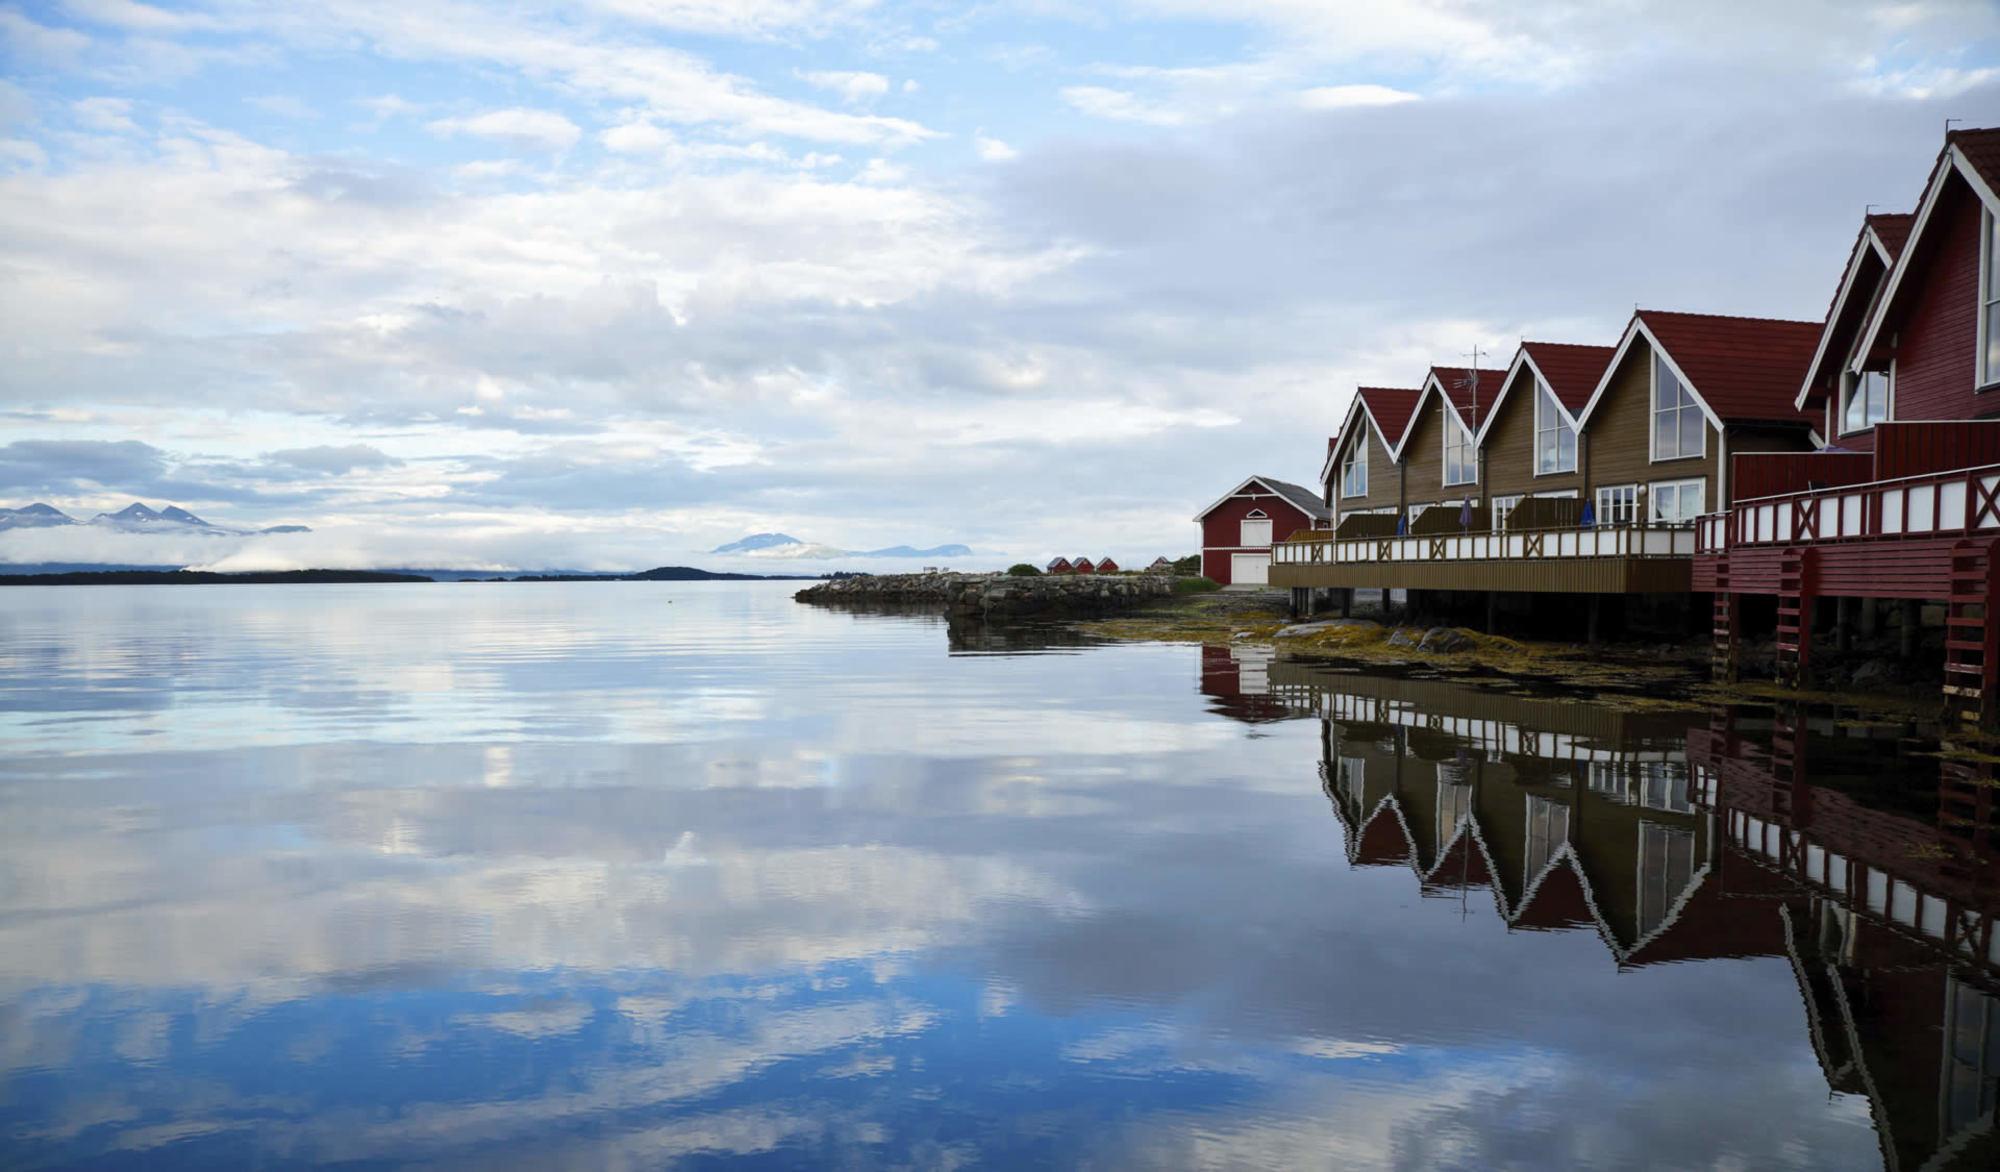 Du finner mange flinke hud og velvære salonger i Molde-området.